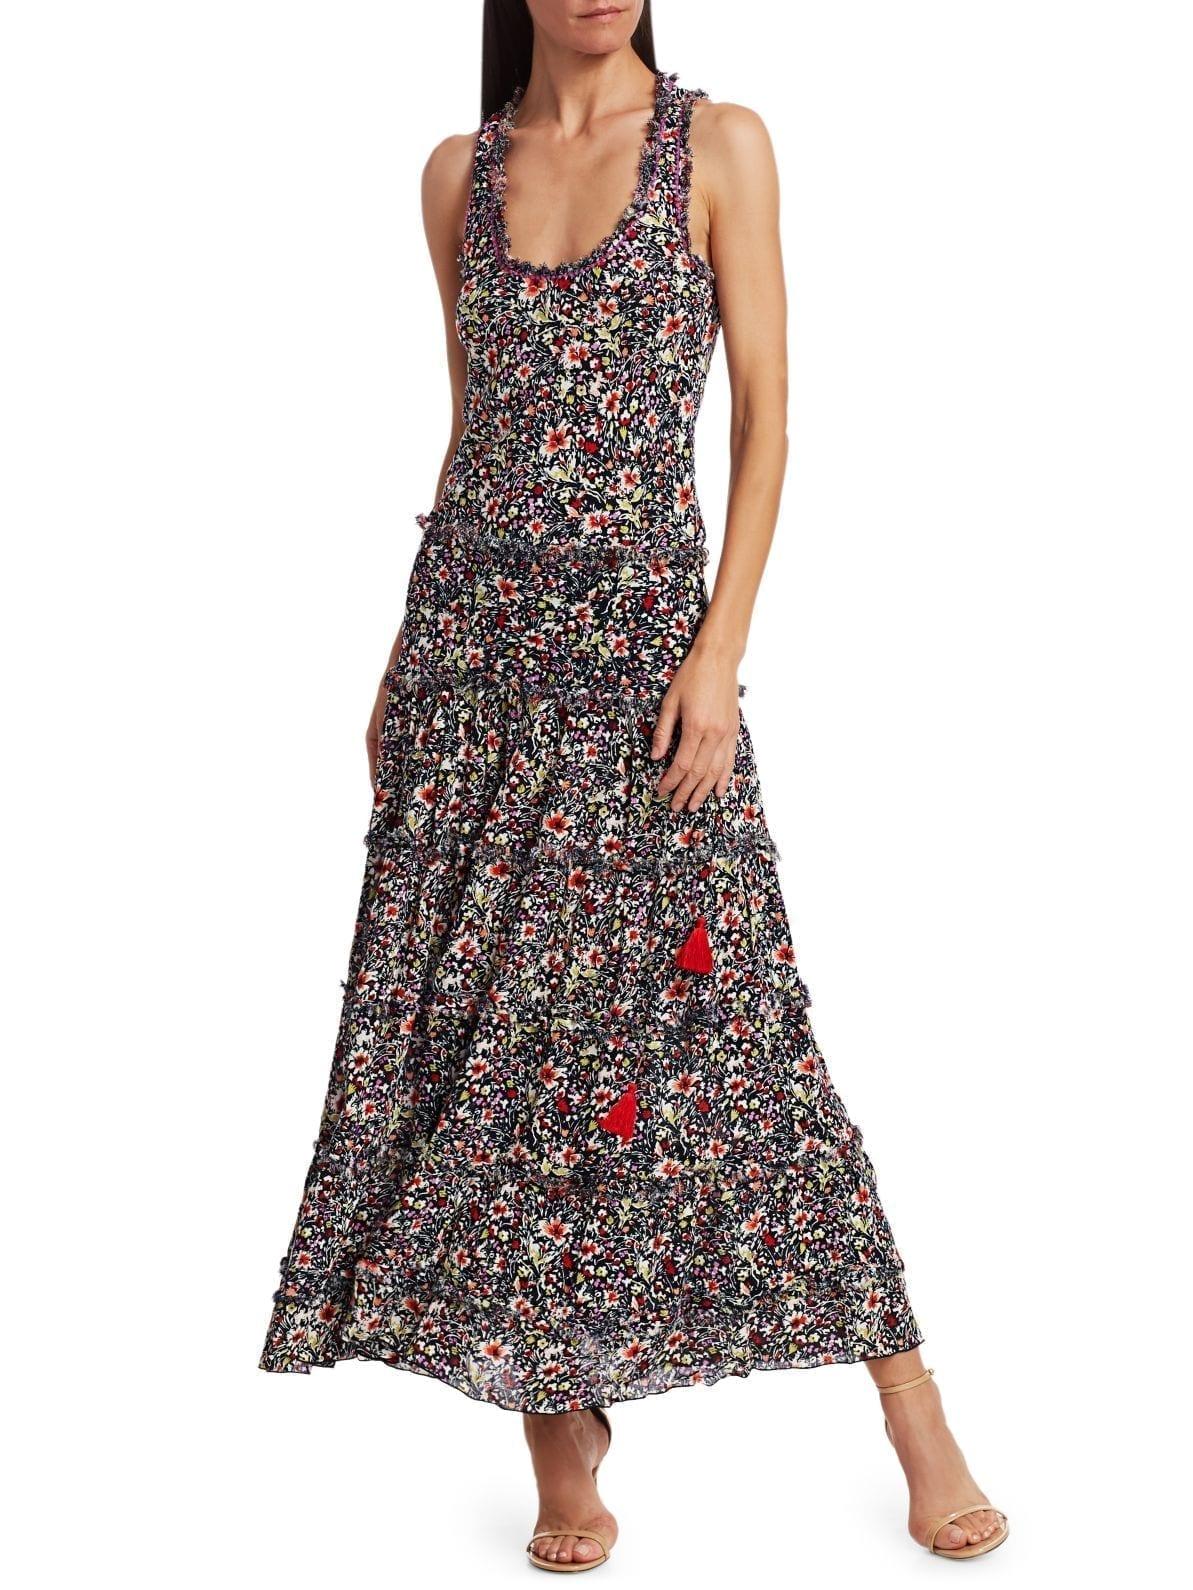 POUPETTE ST BARTH Bety Fringe Floral Long Flare Dress